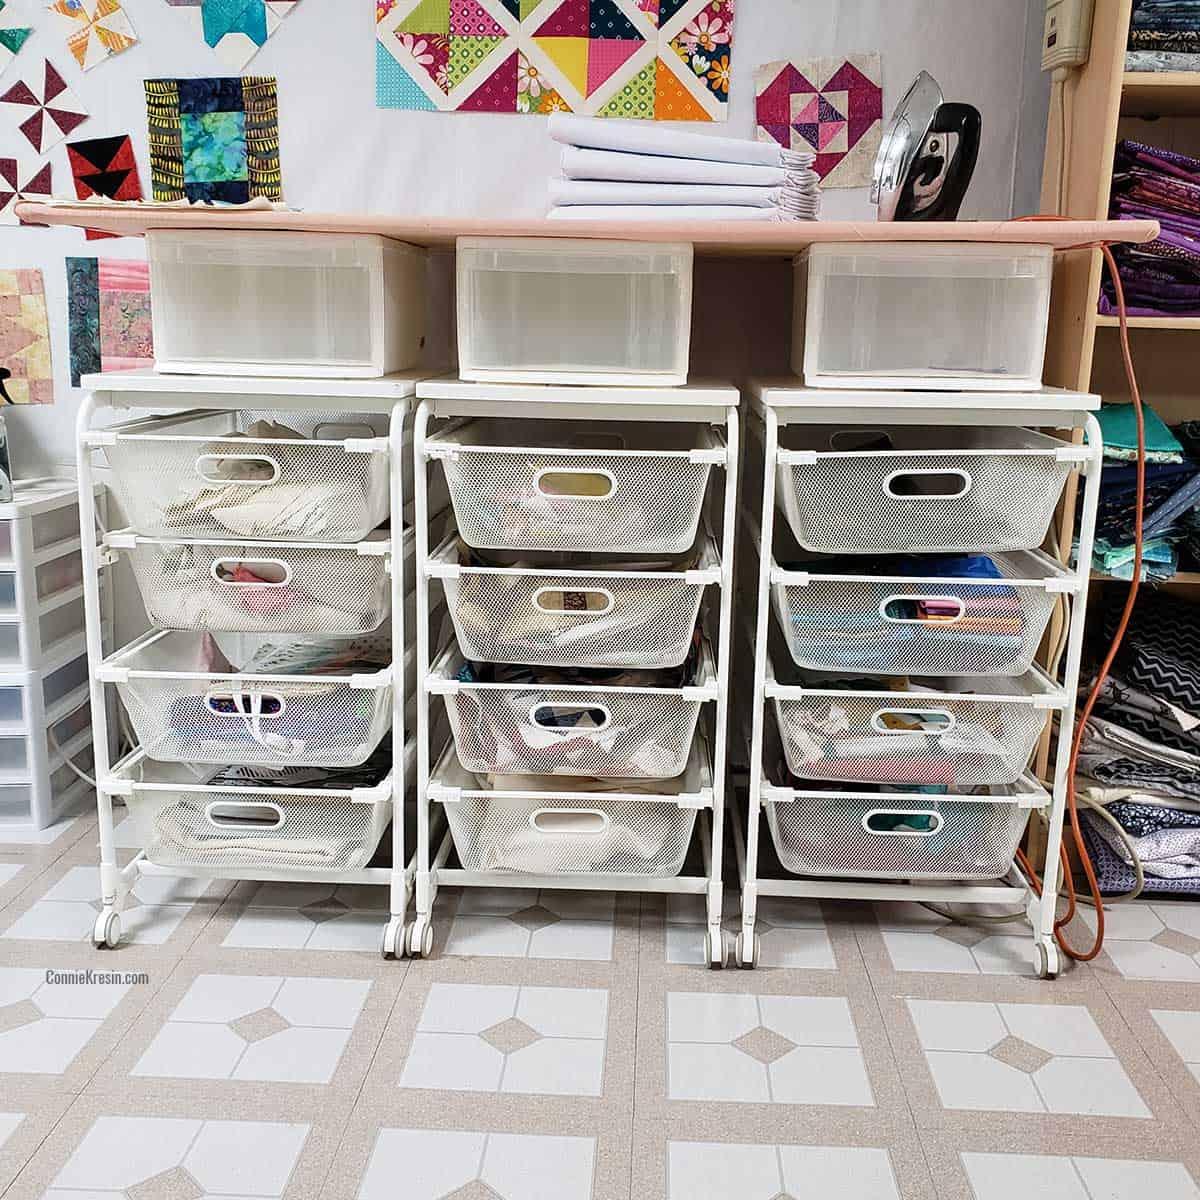 Closeup of ironing board setup